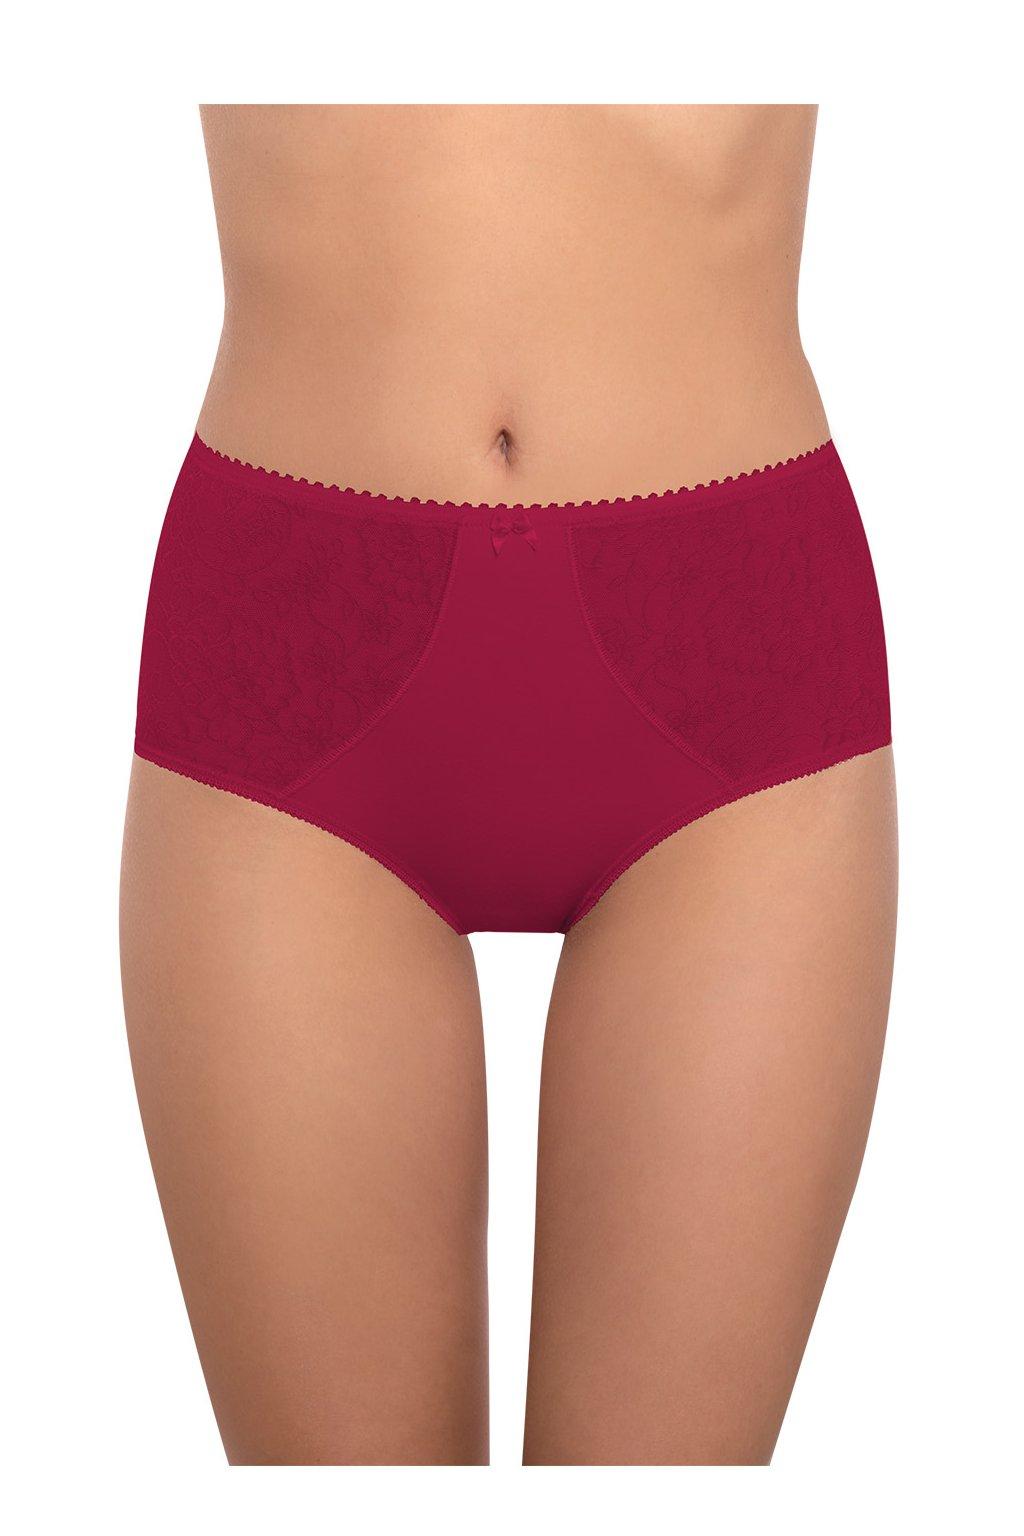 Dámské kalhotky, 100129 191, švestková